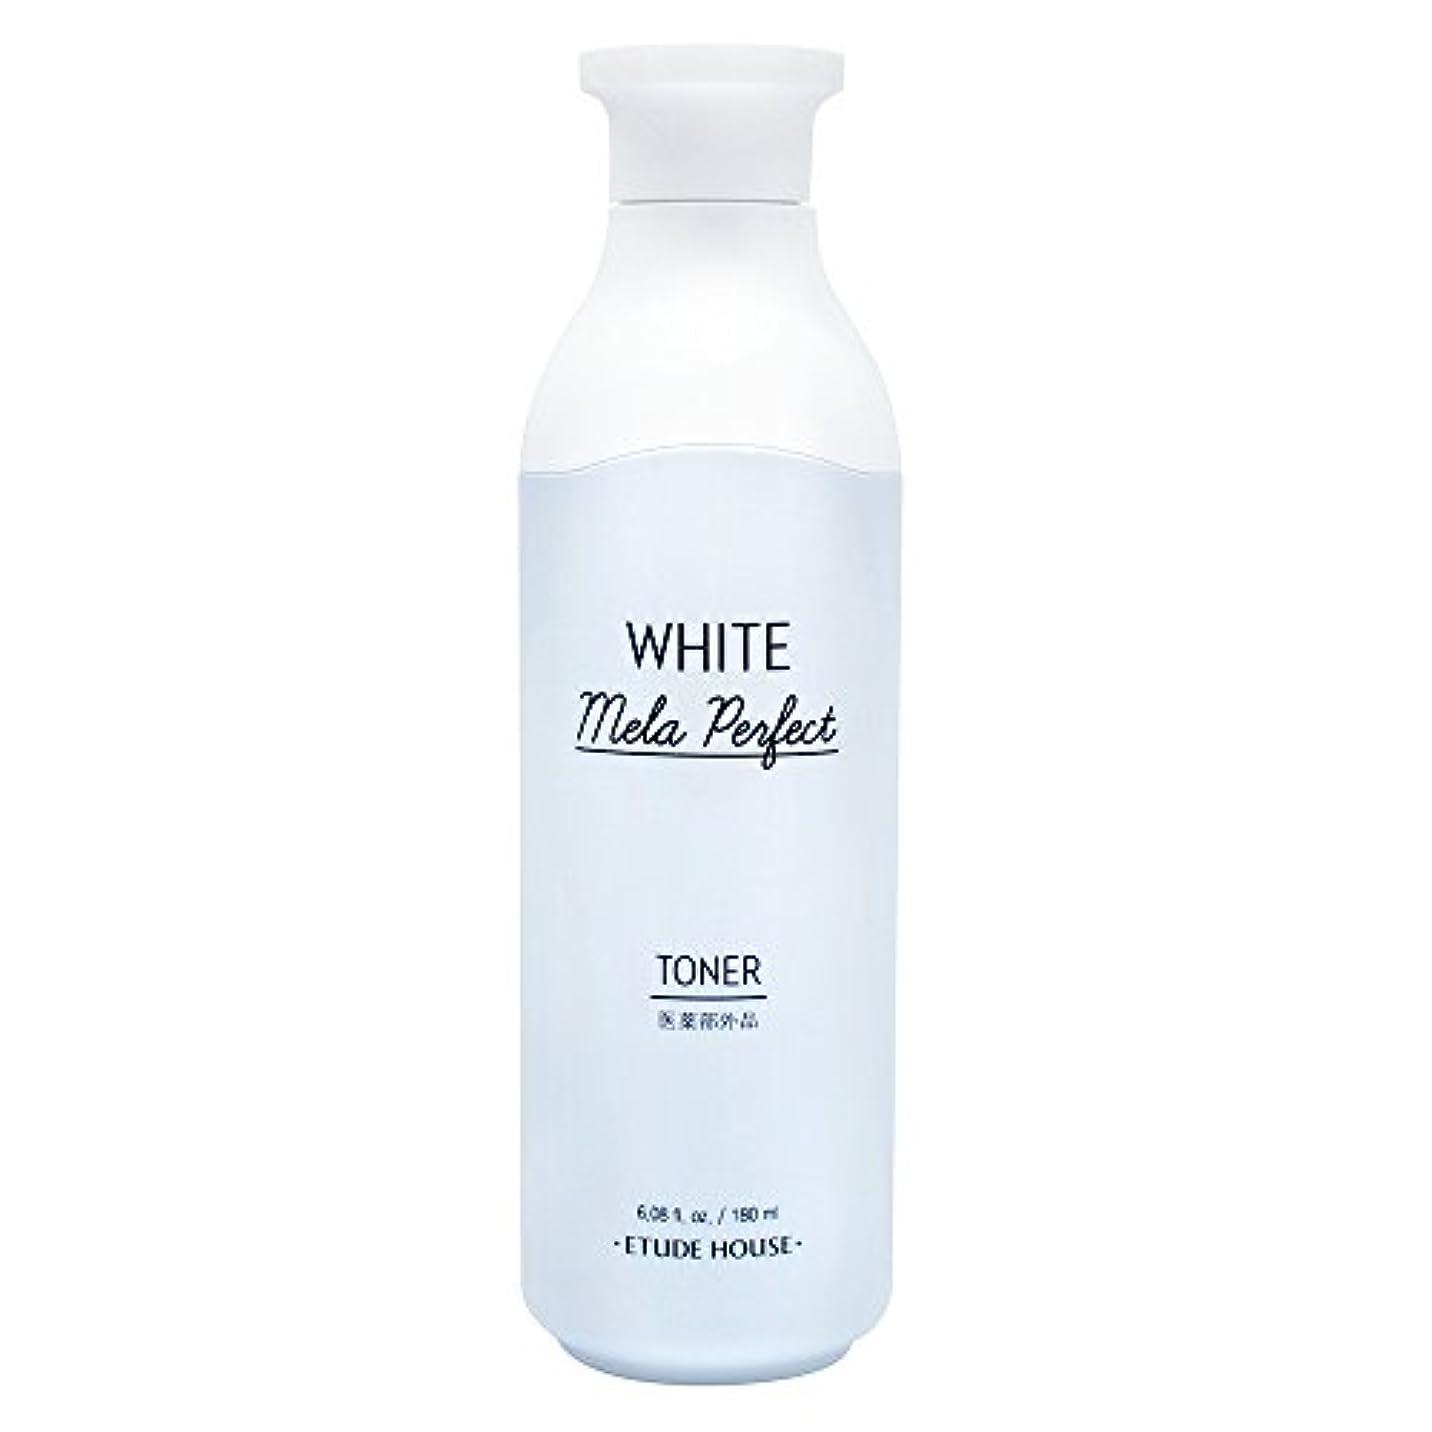 ヨーグルト上流の一節エチュードハウス(ETUDE HOUSE) ホワイトメラパーフェクト トナー[美白化粧水、化粧水]